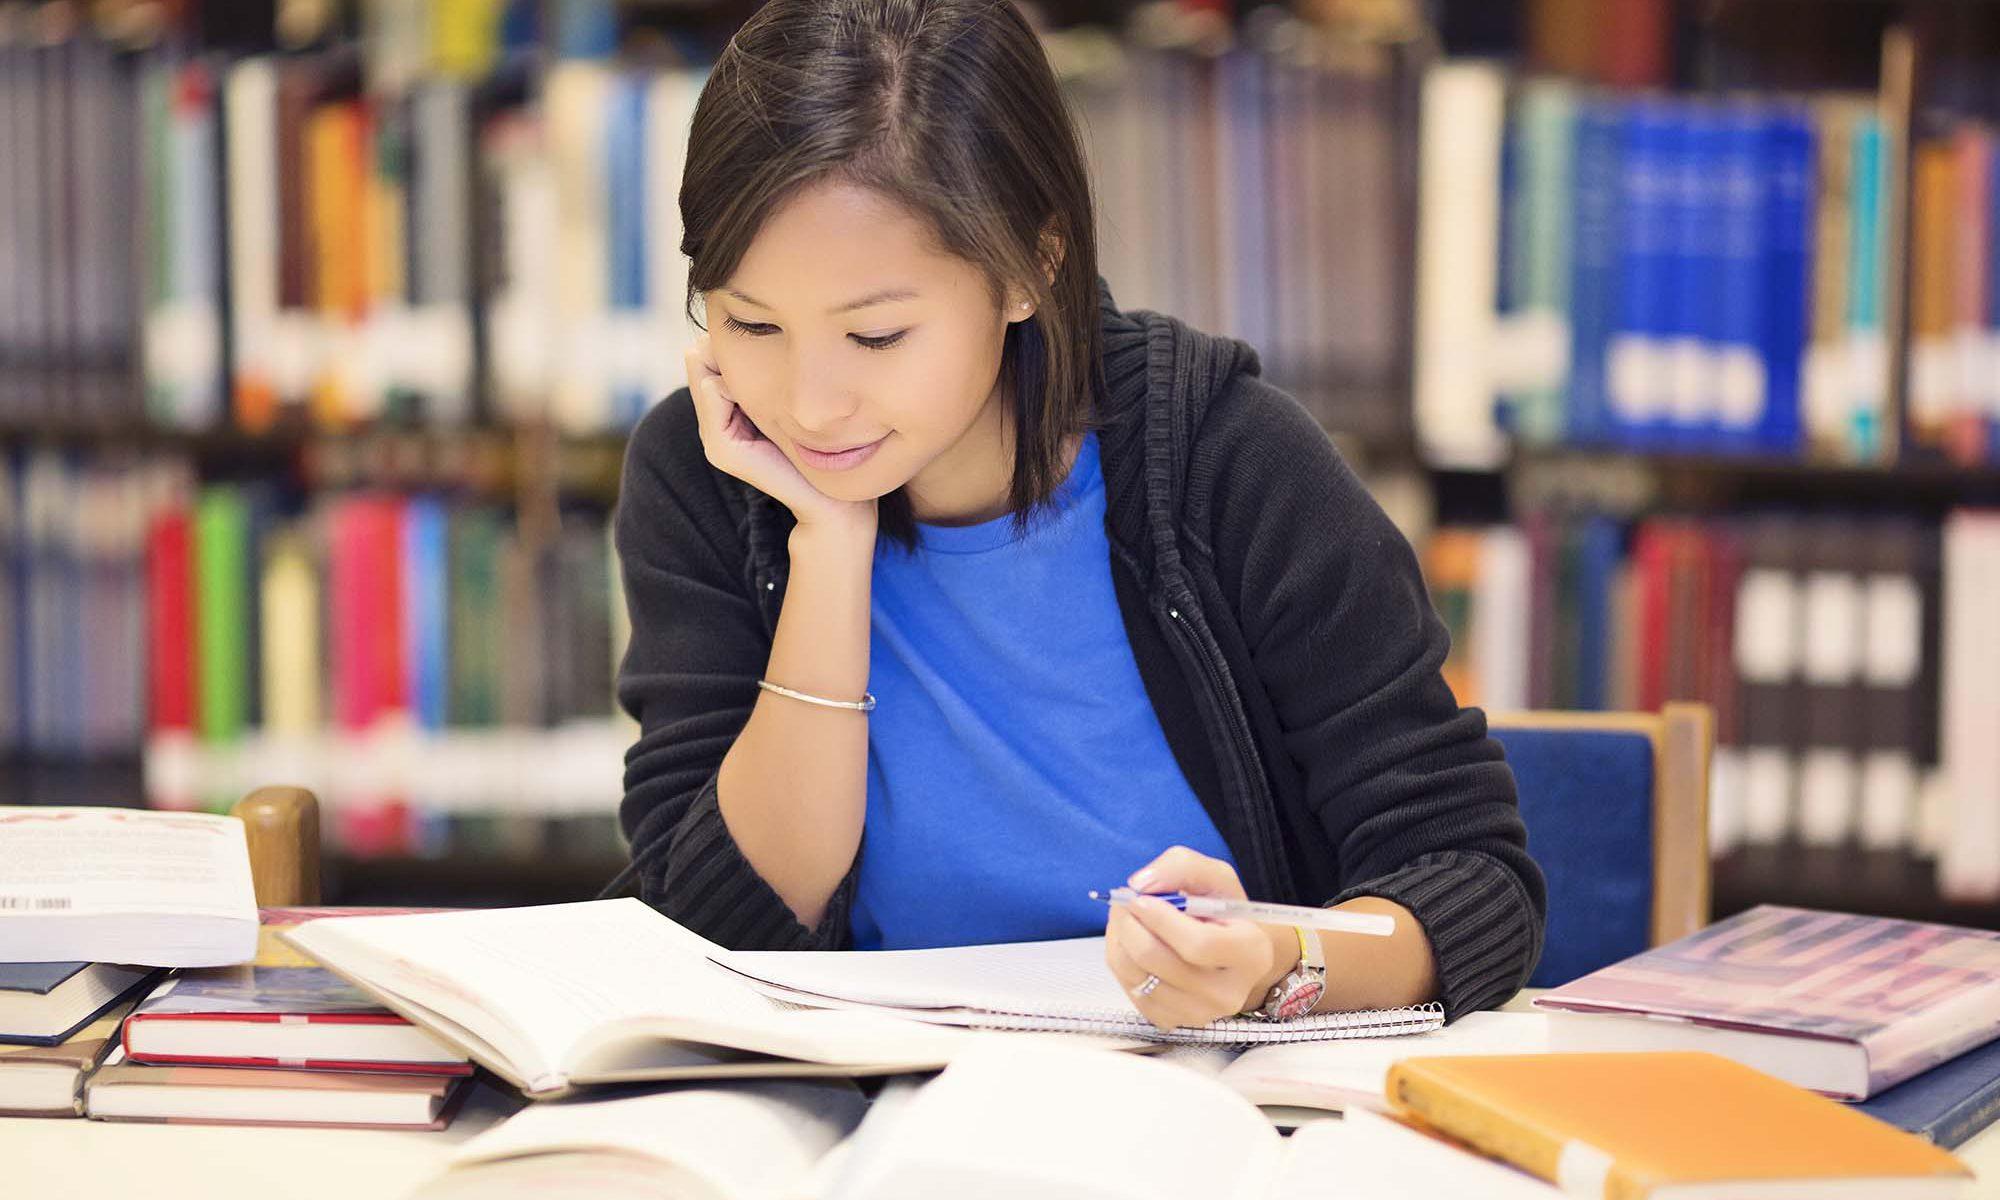 requisitos para estudiar psicología